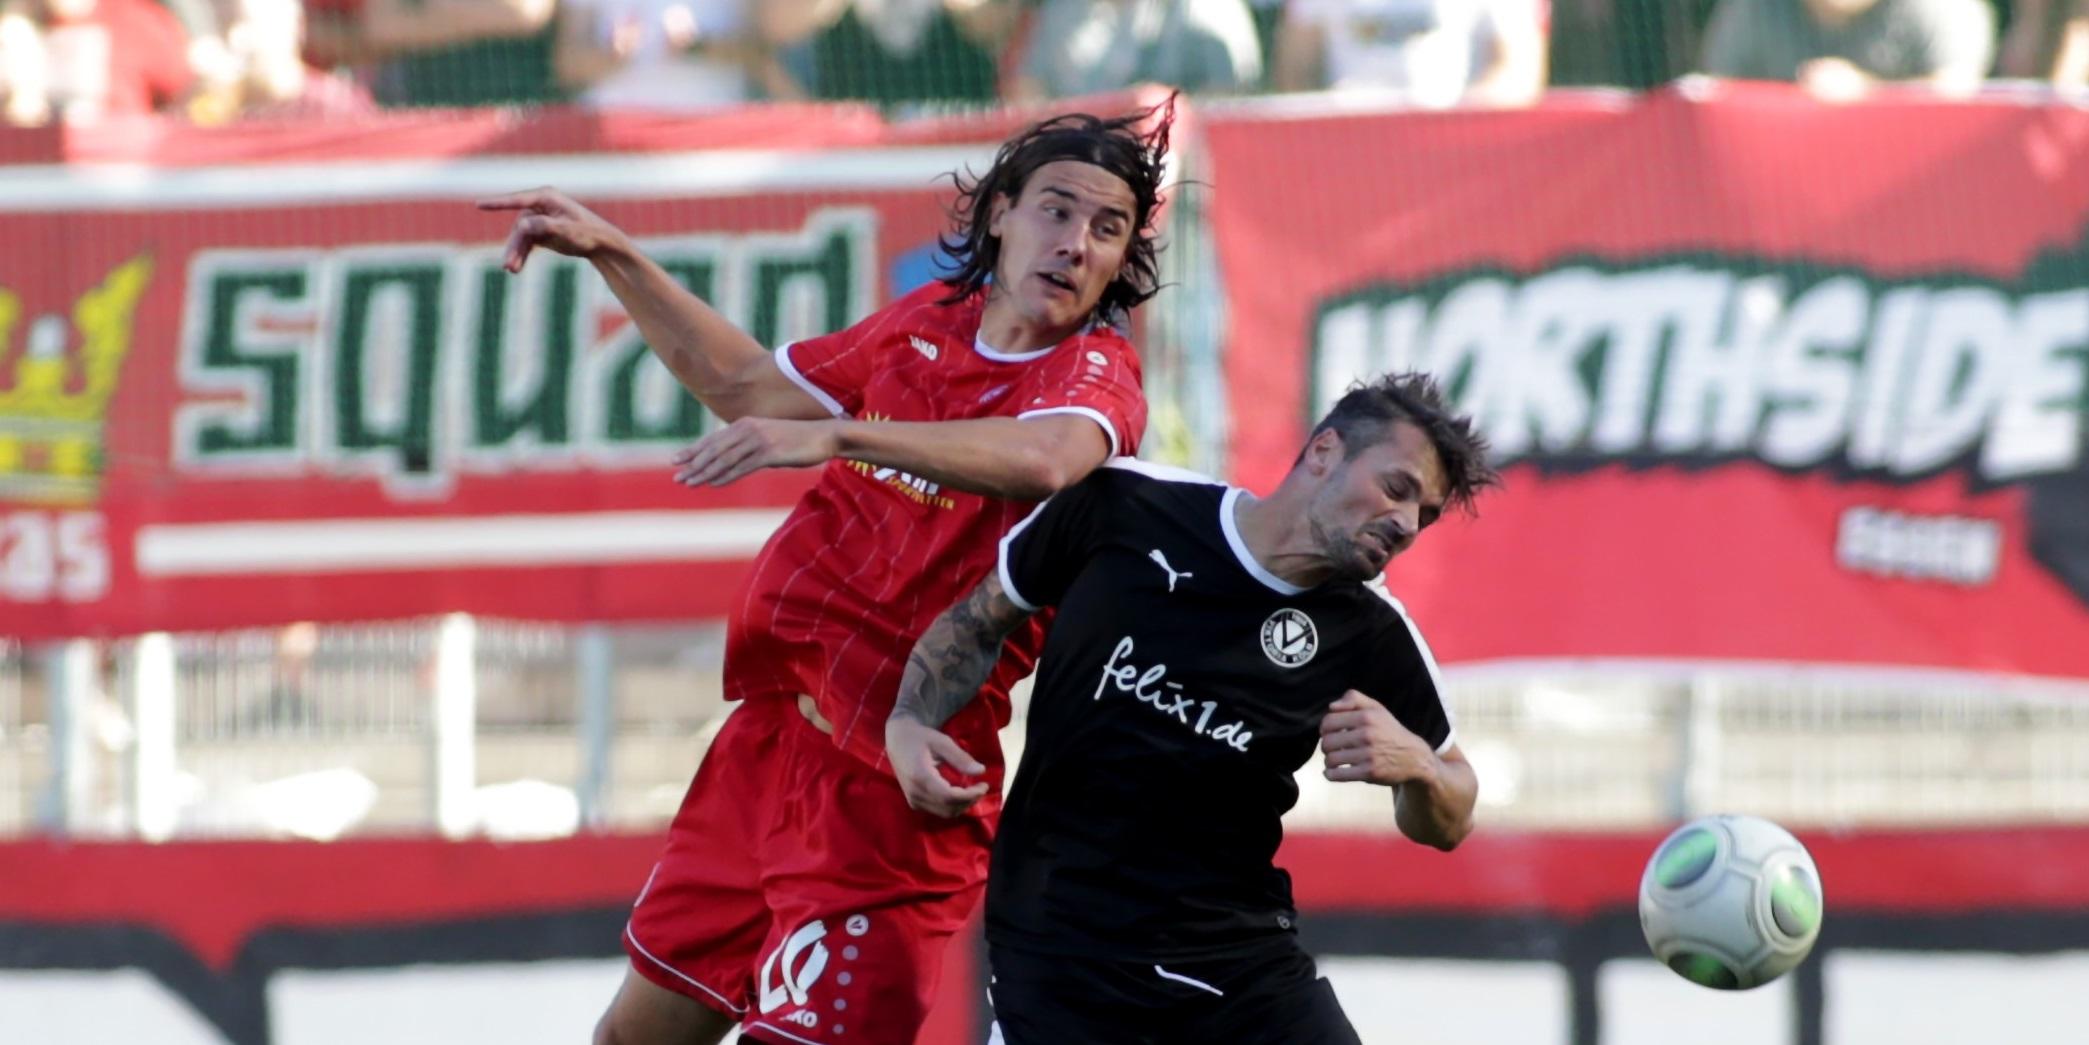 Im Hinspiel musste sich RWE gegen Viktoria Köln mit 0:1 geschlagen geben. (Foto: Endberg)